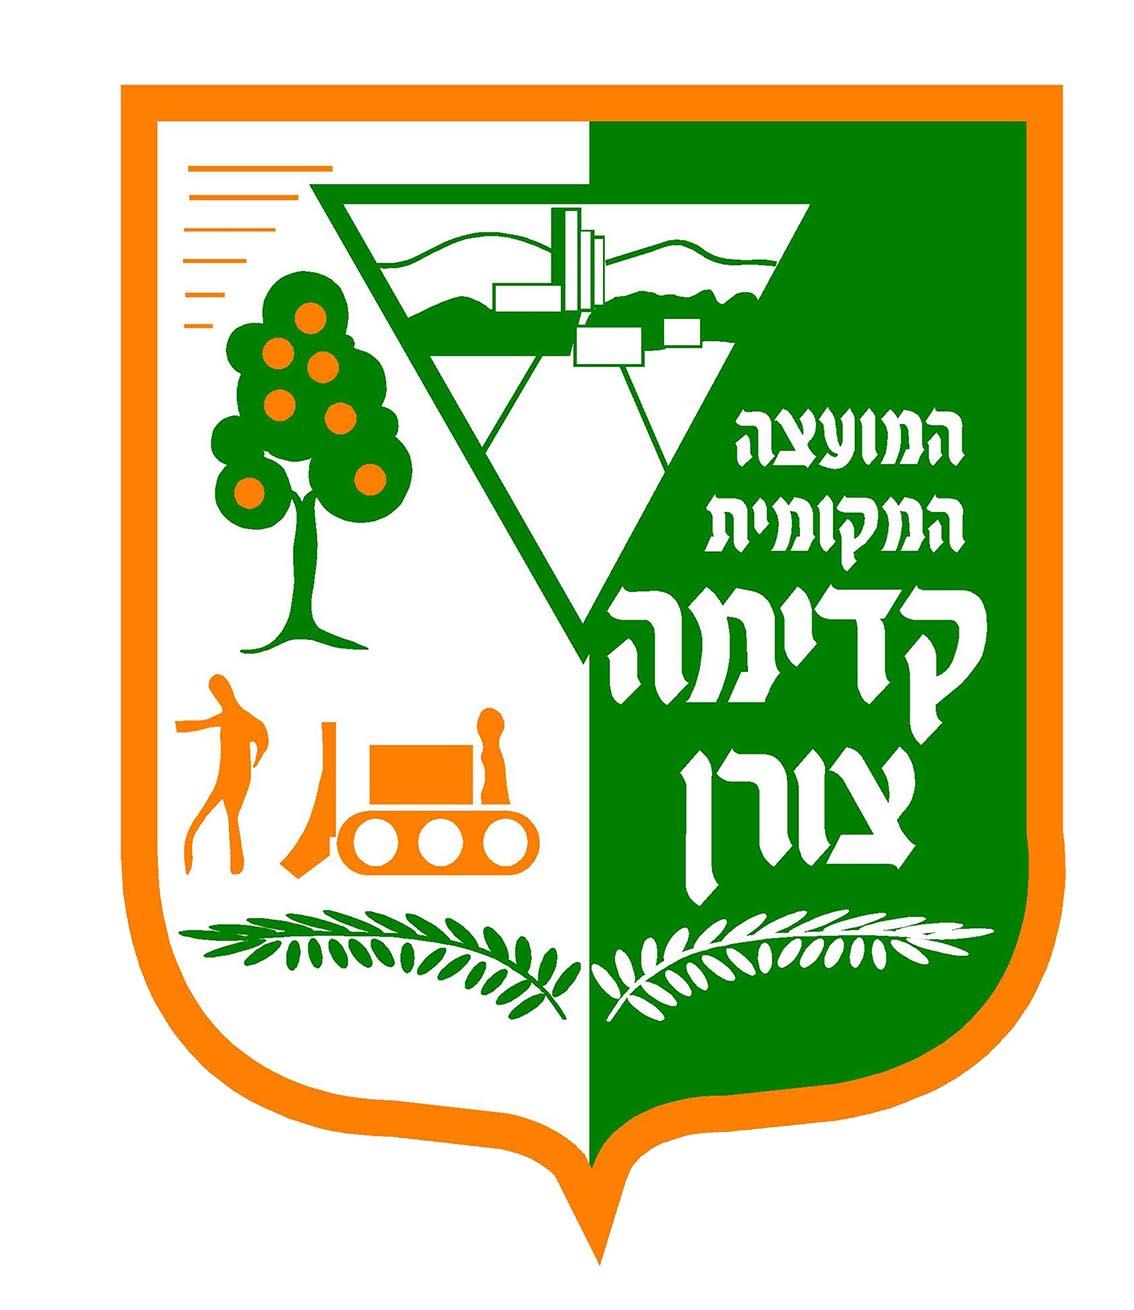 לוגו מועצה מקומית קדימה צורן